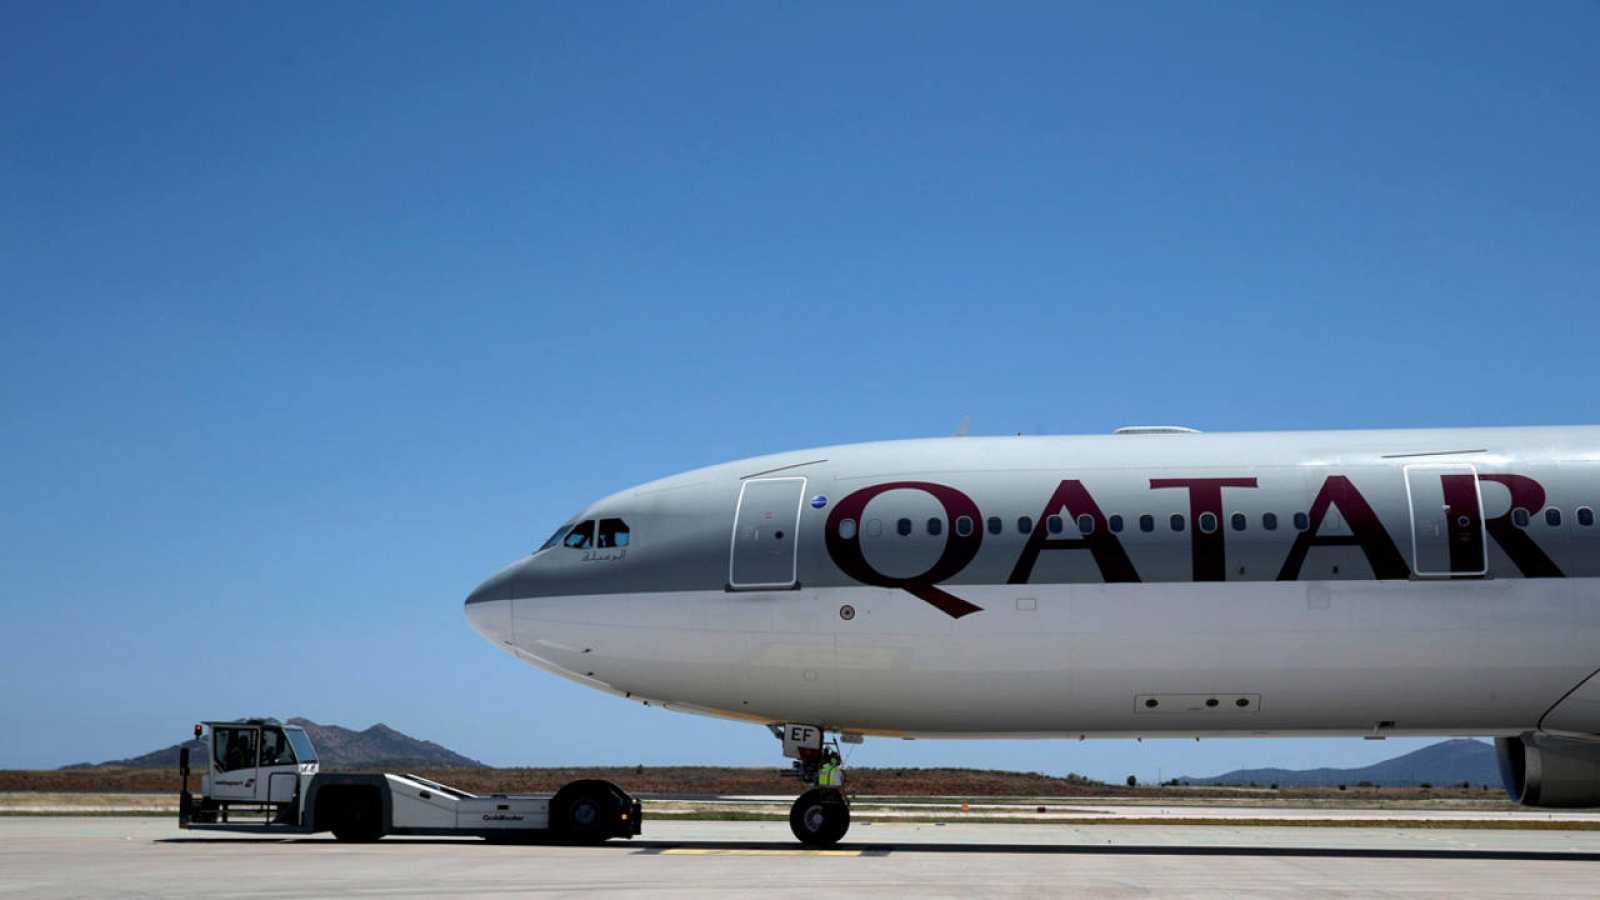 Un avión de Qatar Airways en el Aeropuerto Internacional Eleftherios Venizelos de Atenas, Grecia